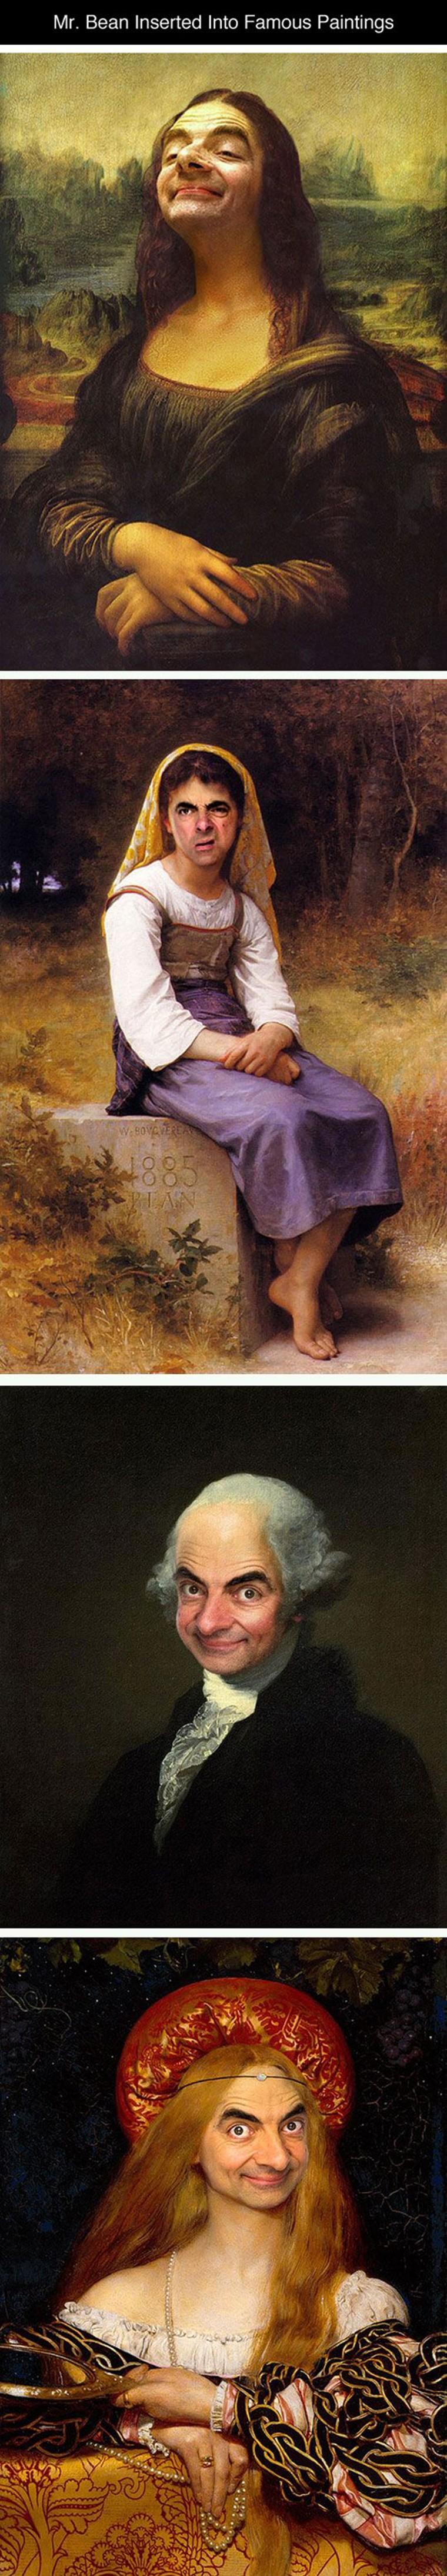 mr-bean-et-les-peintures-celebres